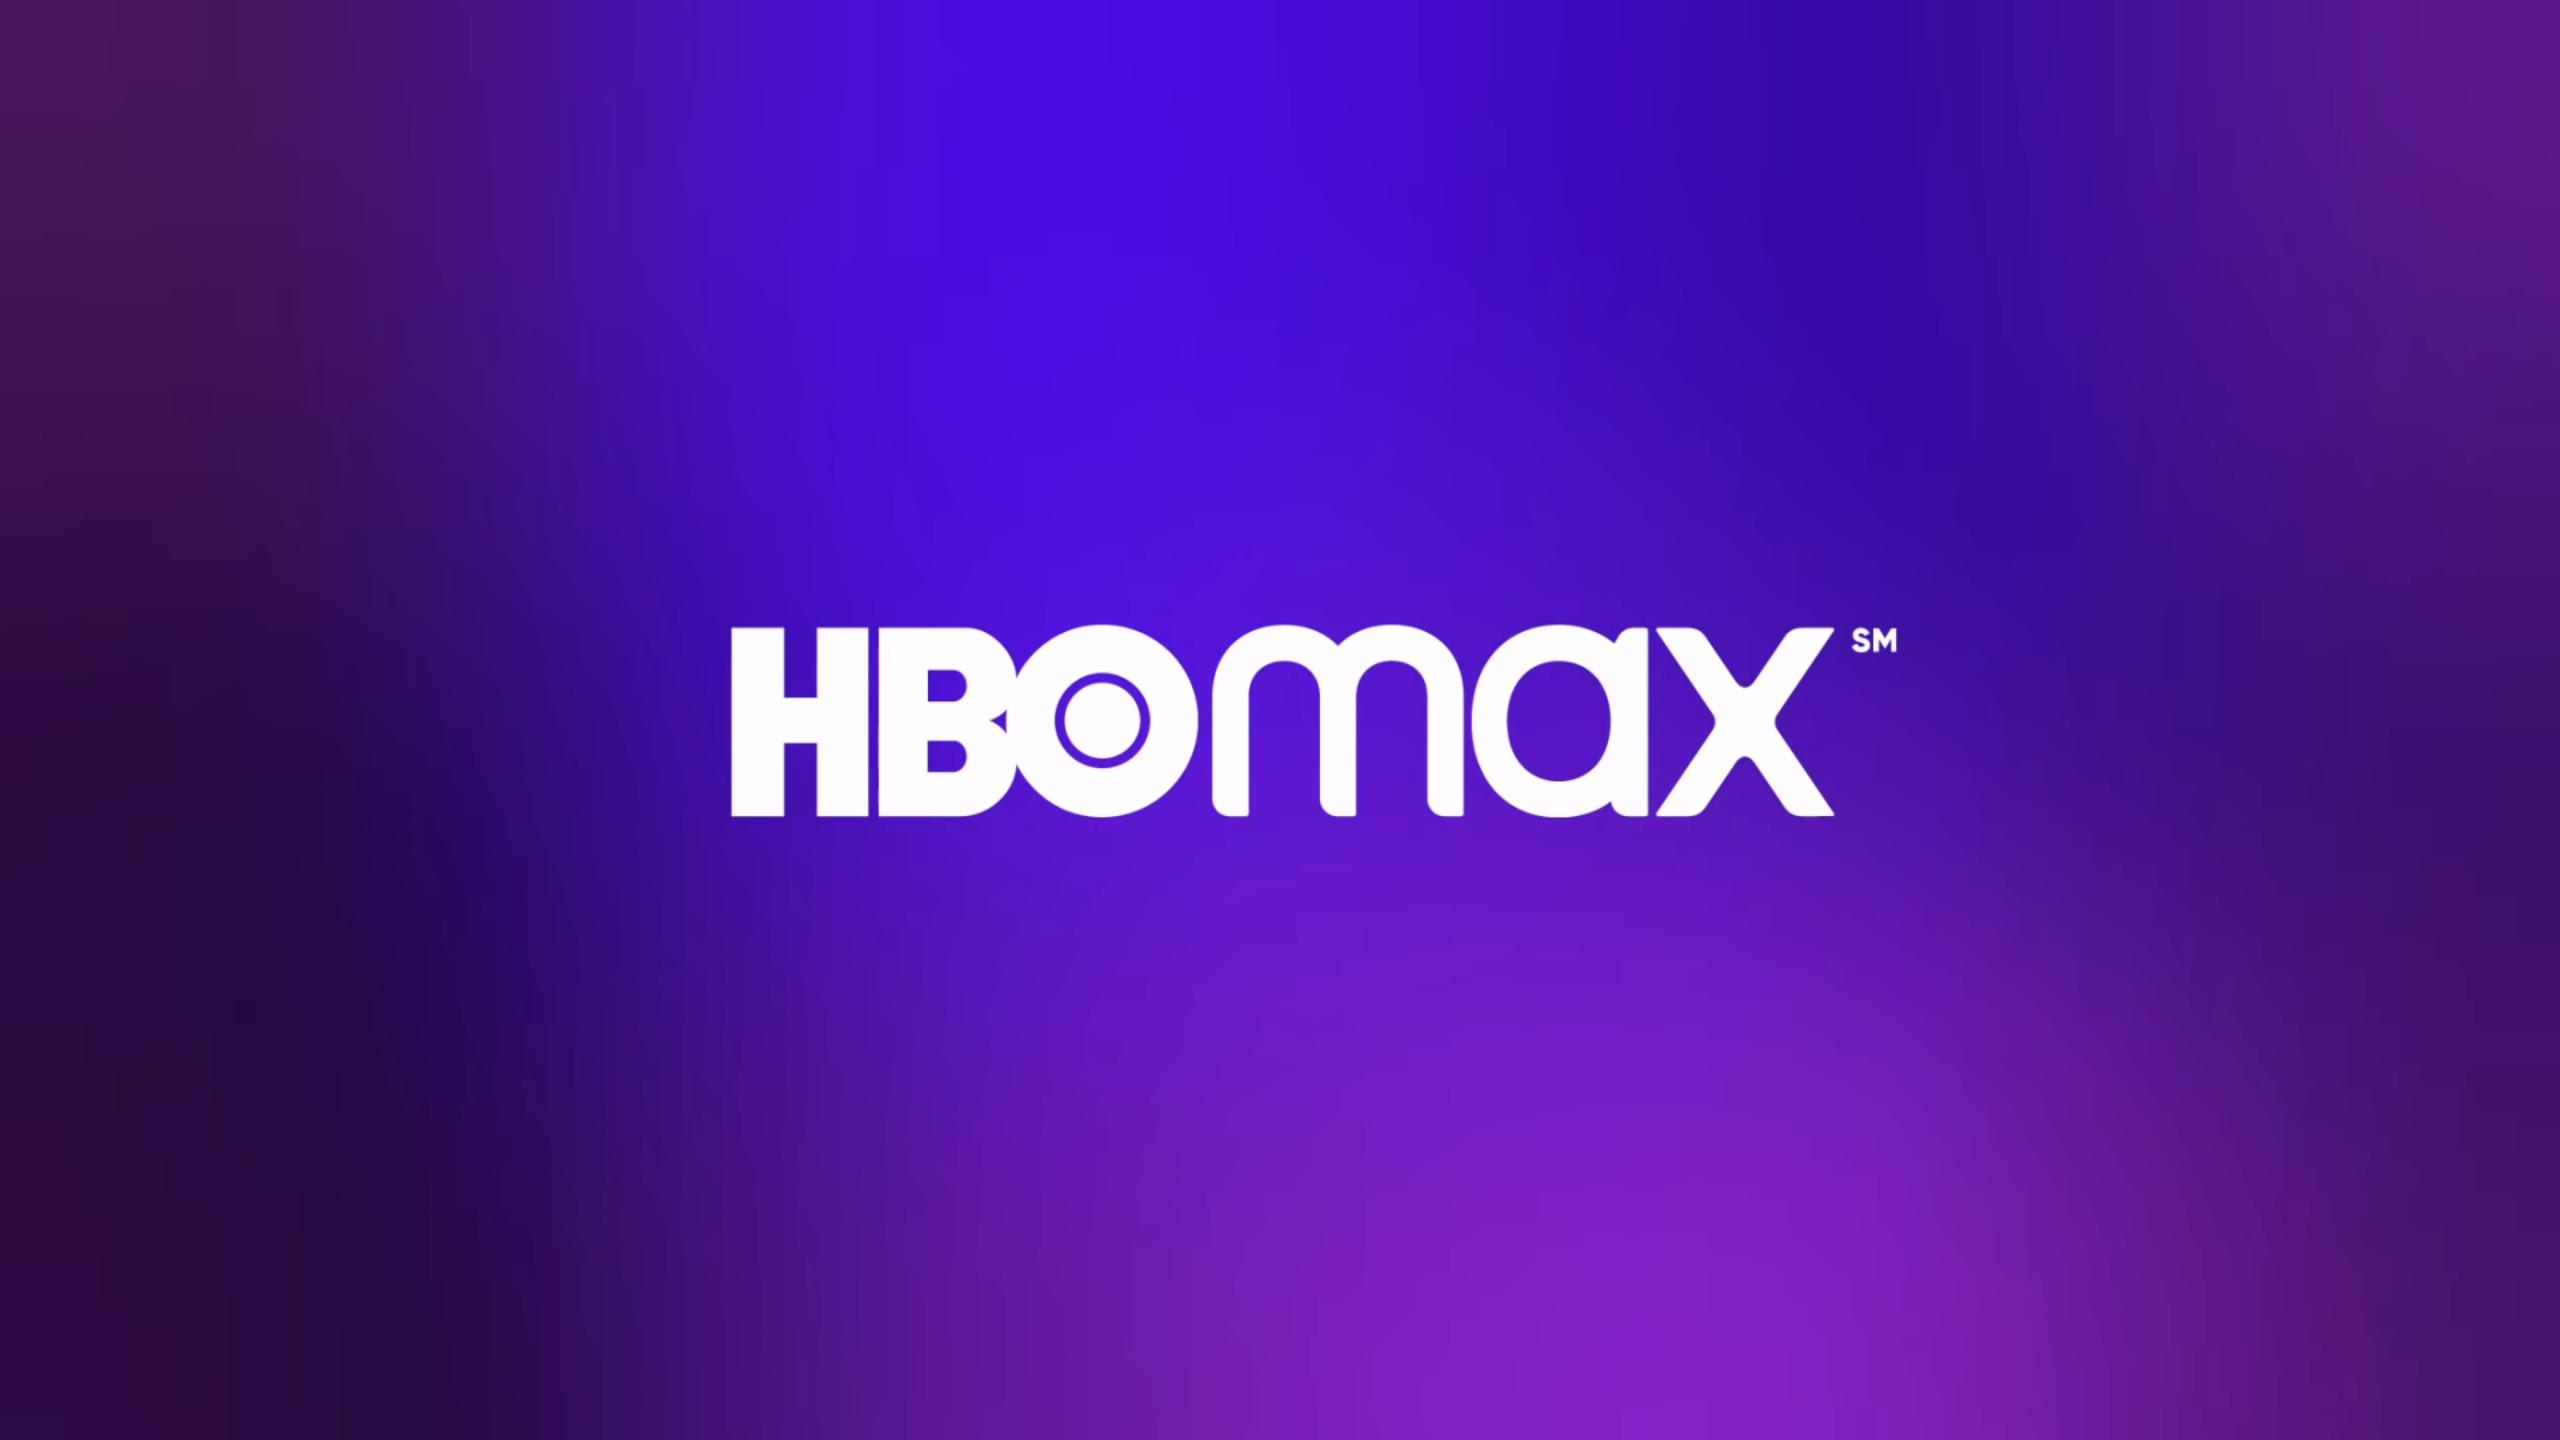 HBO Max apresenta trailer com suas principais atrações - TecMundo